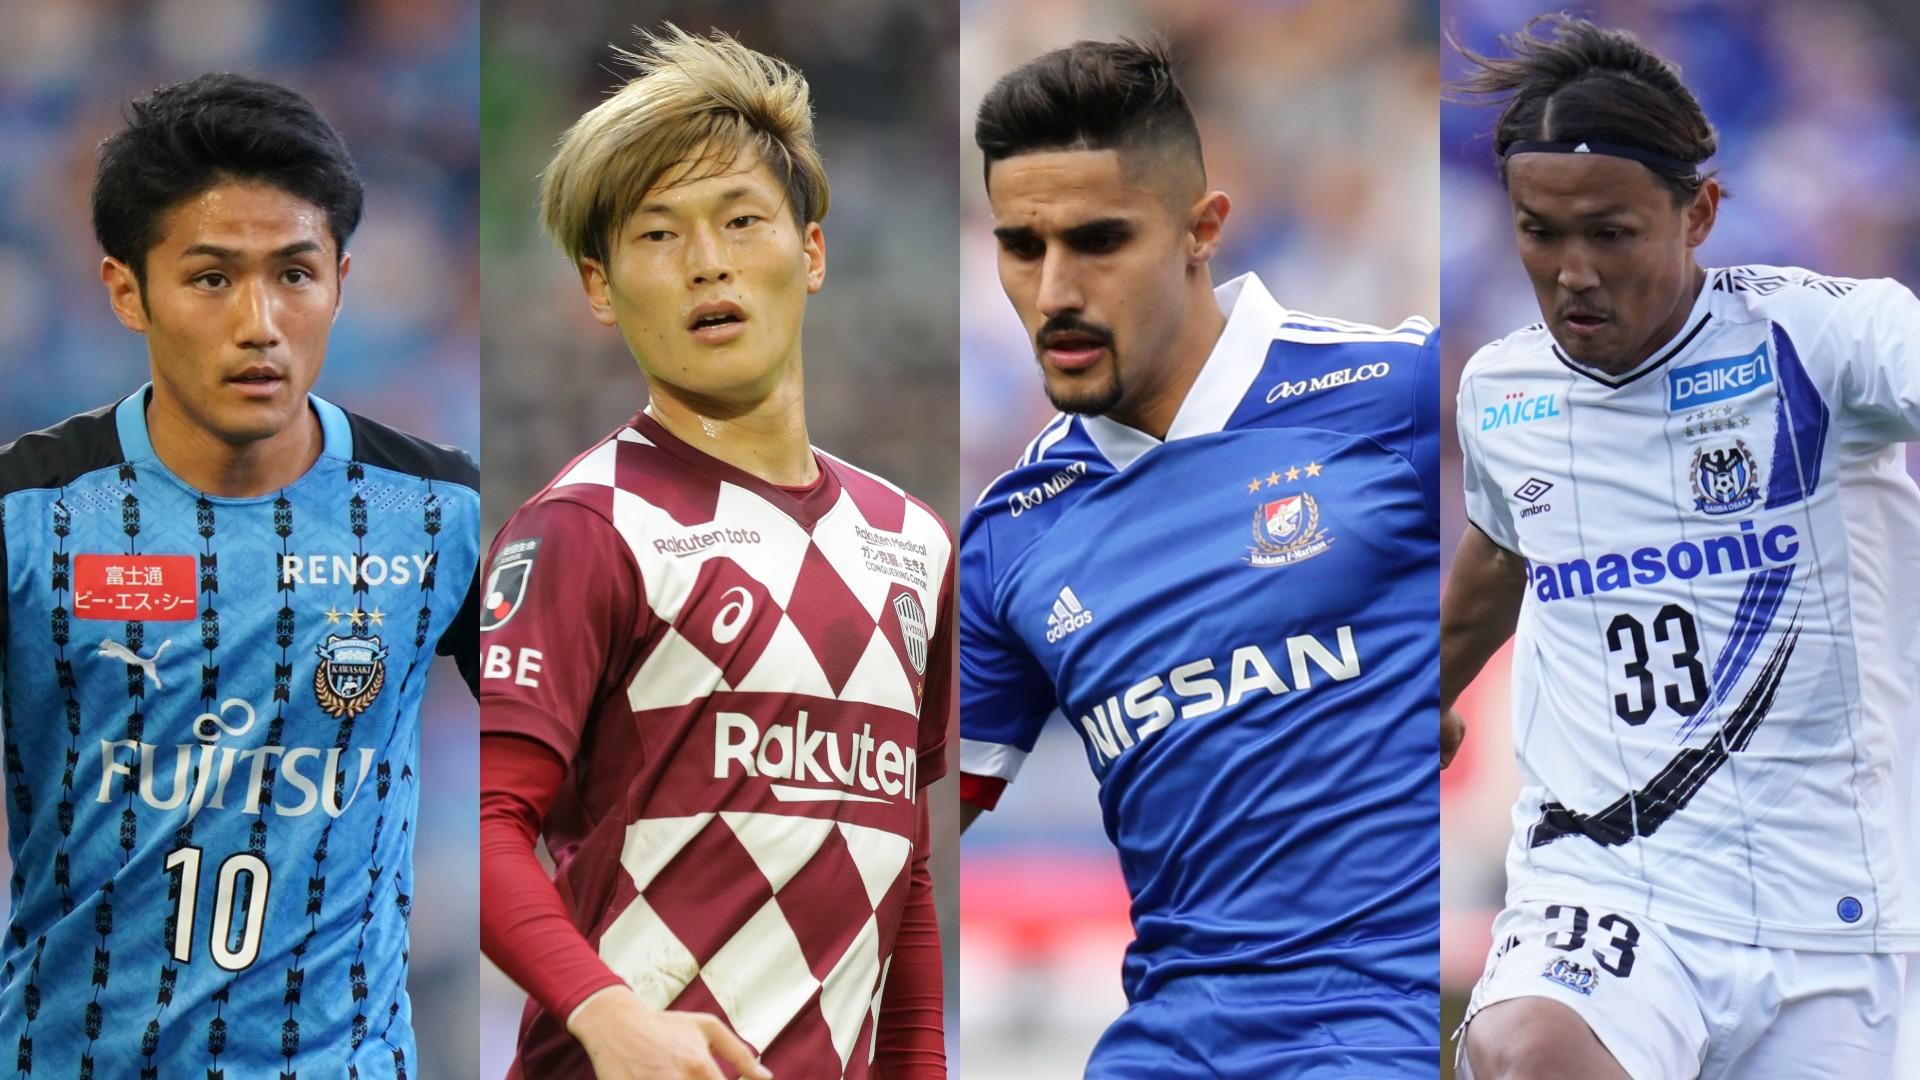 選手名鑑 プレミアリーグ注目選手一覧 海外 欧州サッカー Dazn News 日本